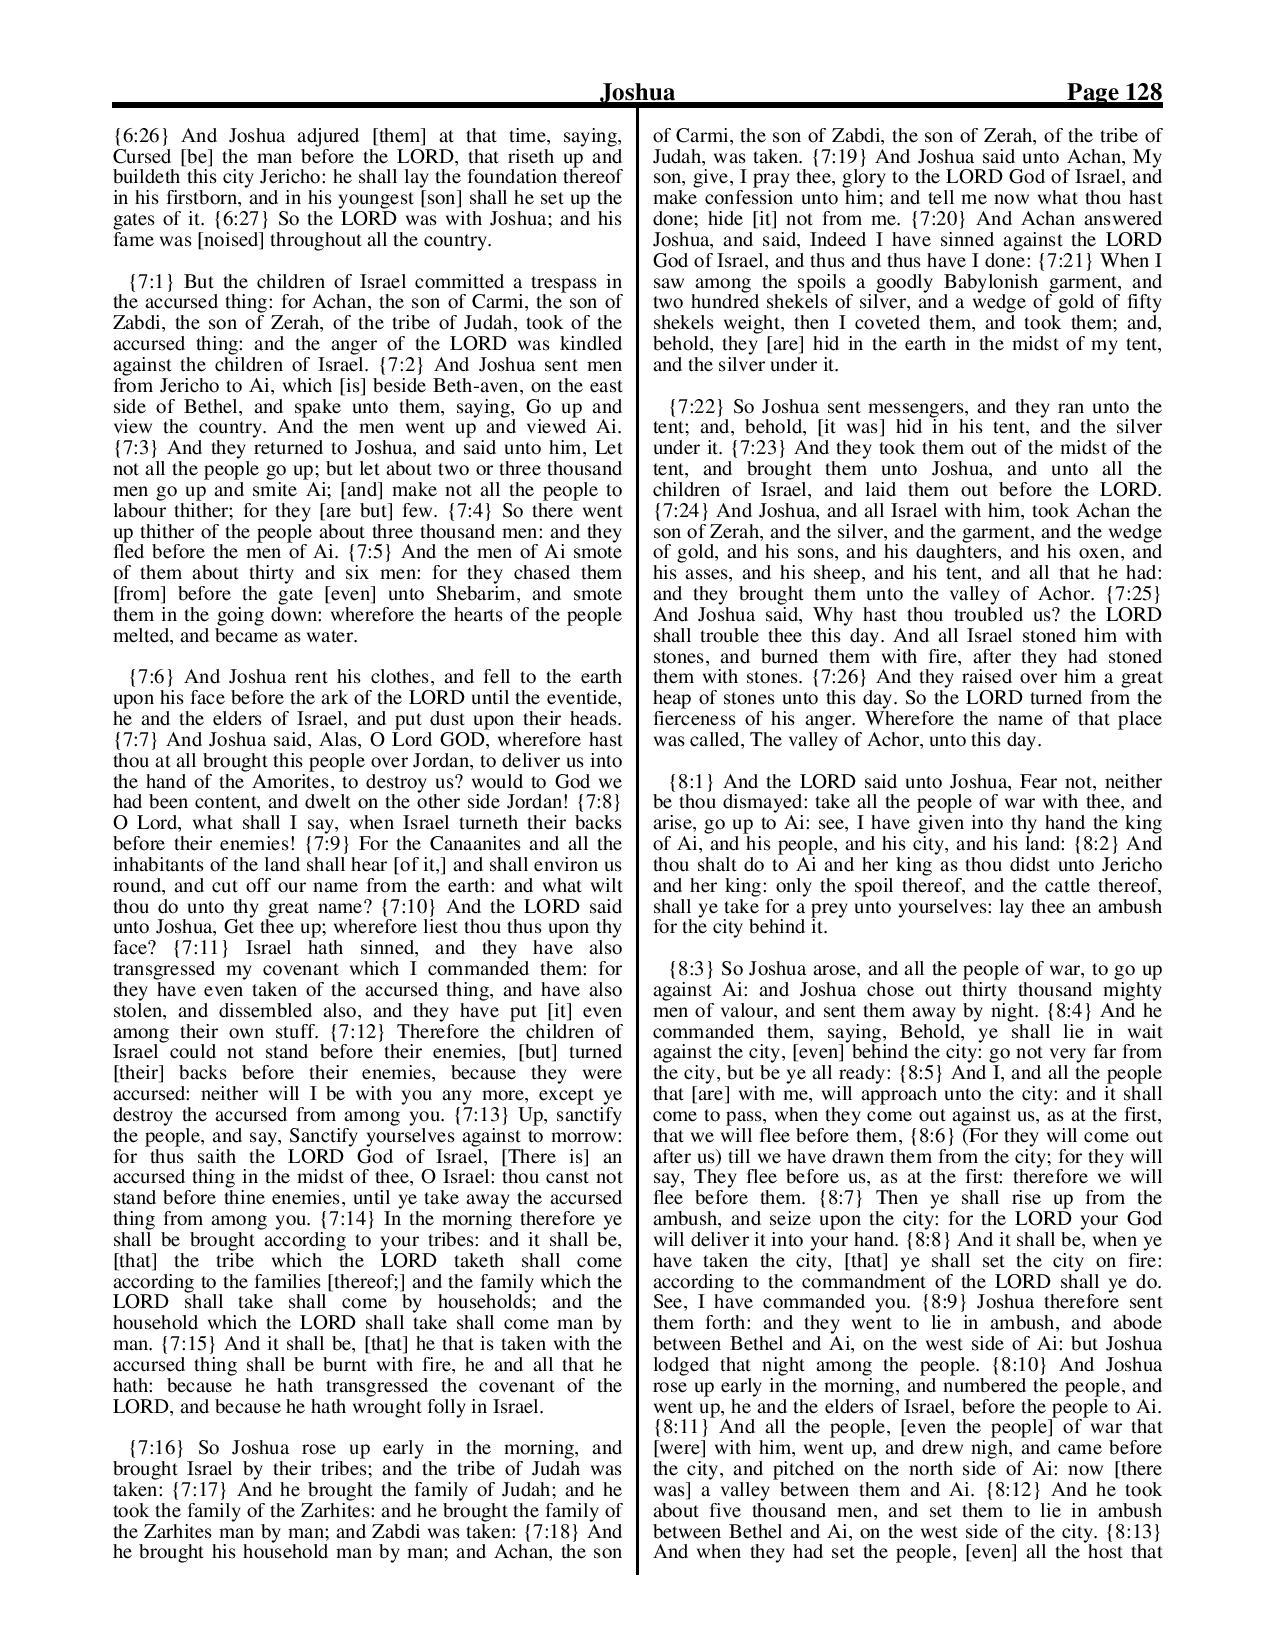 King-James-Bible-KJV-Bible-PDF-page-149